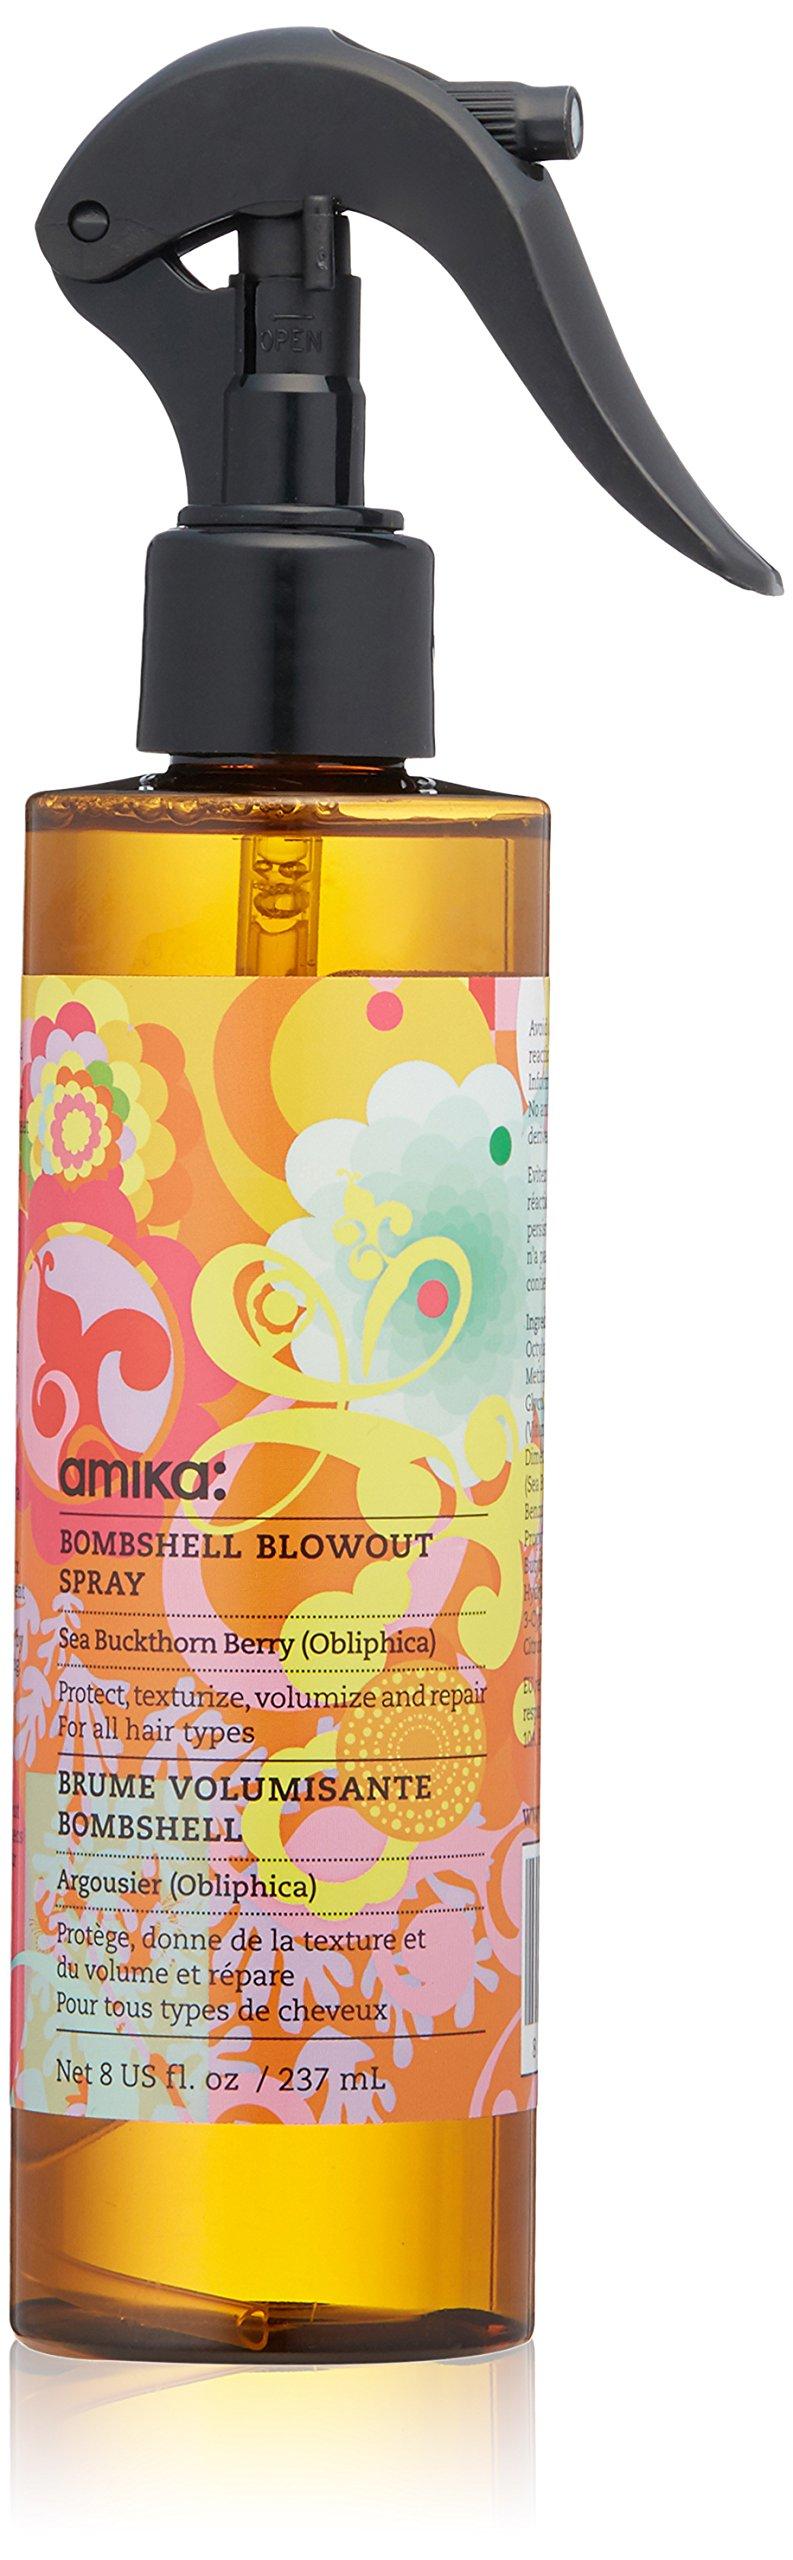 amika Bombshell Blowout Spray, 8 Fl Oz by amika (Image #1)